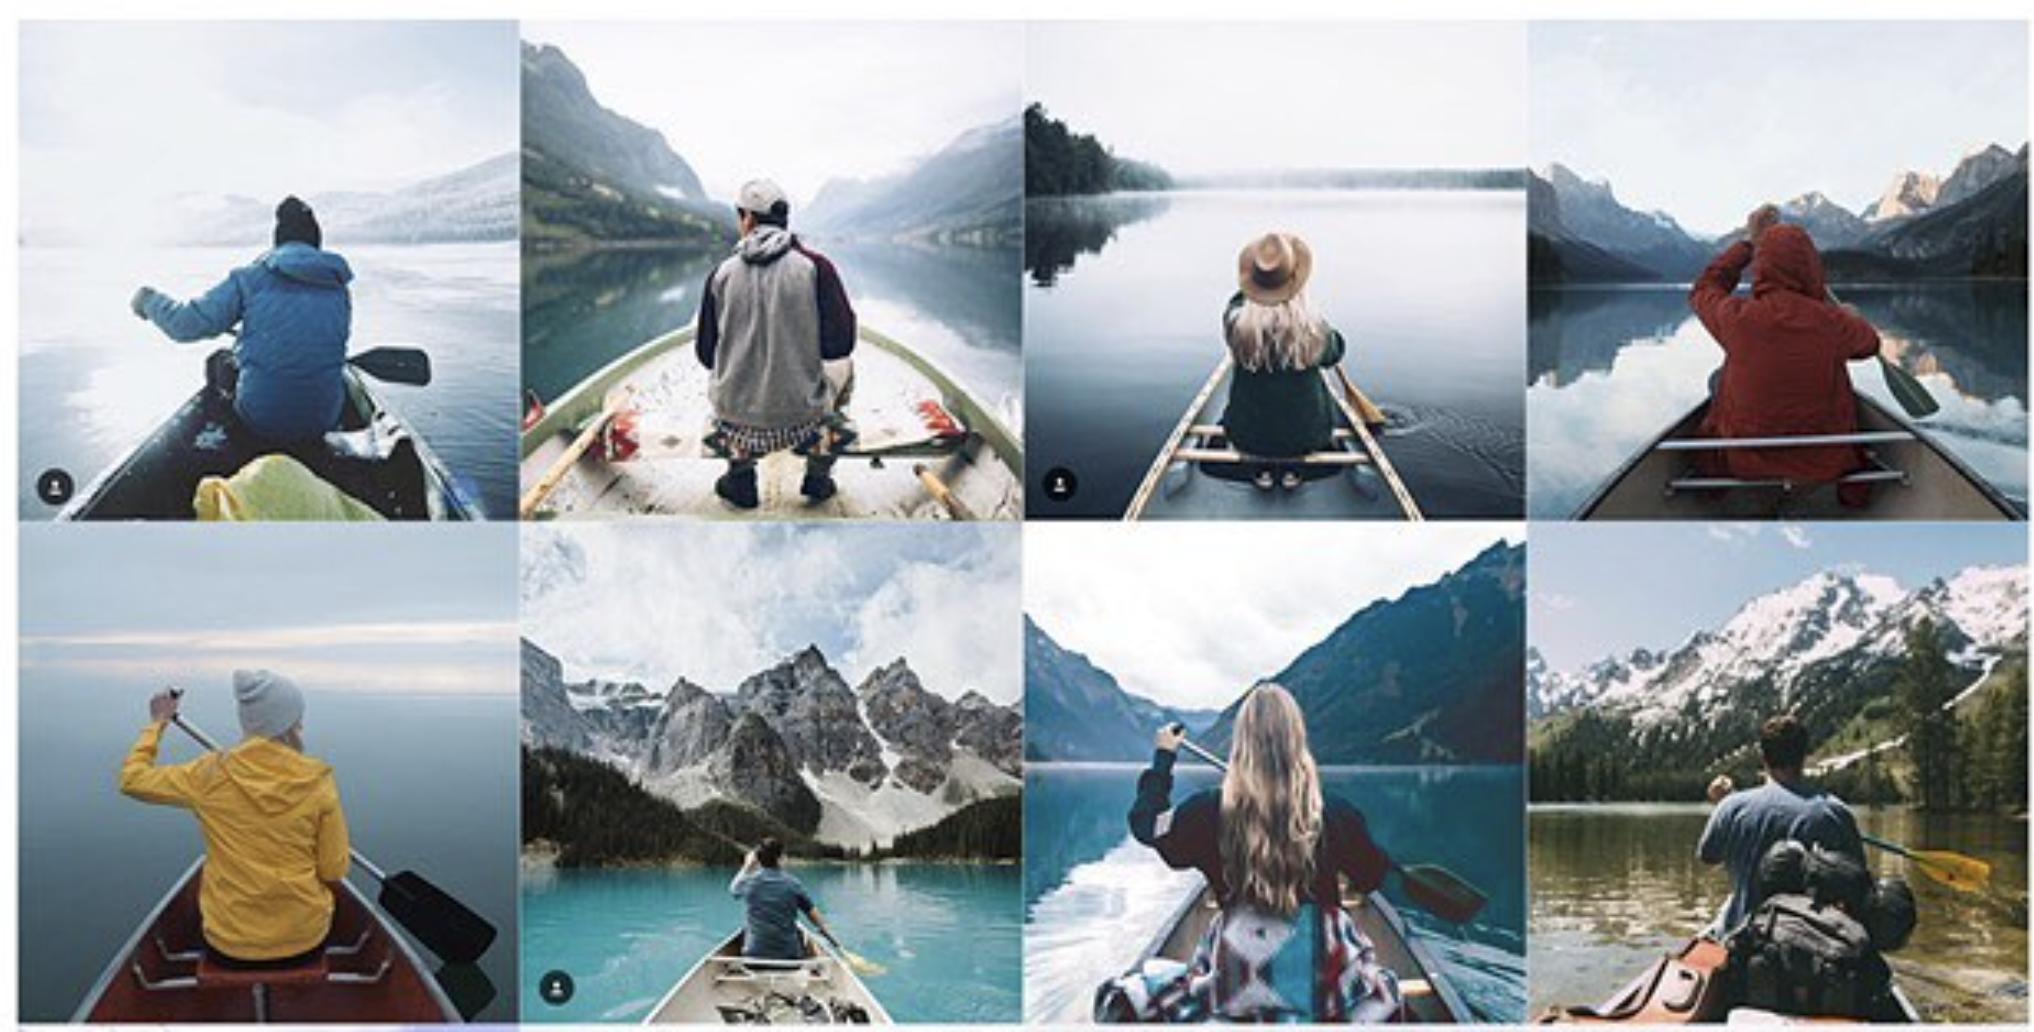 Instagram dần trở thành nơi chia sẻ những bức ảnh giống nhau